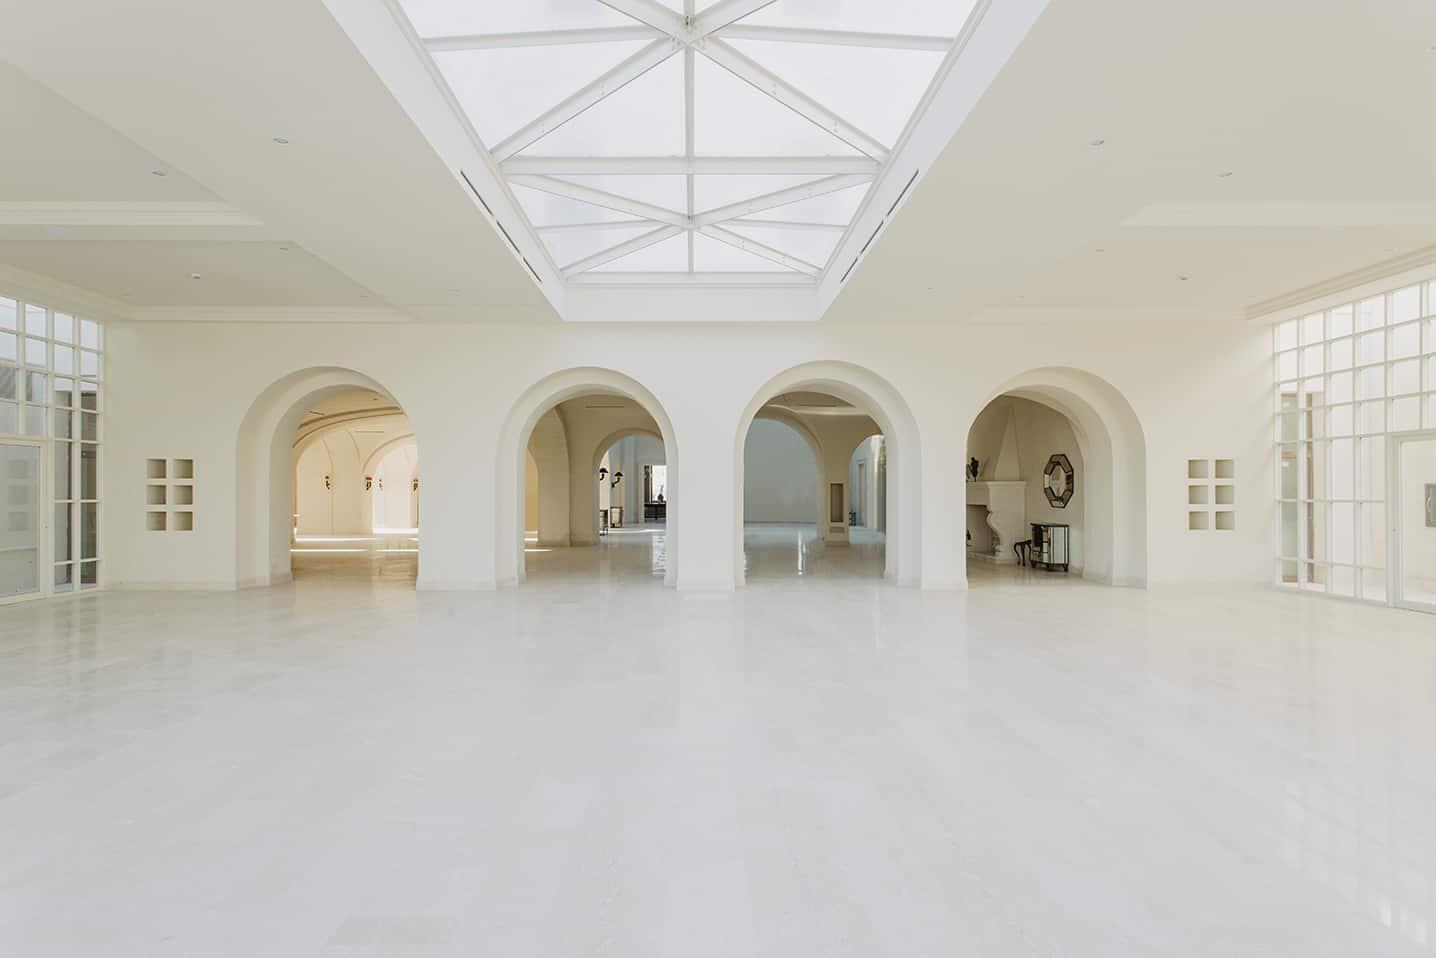 Sala principale - Alvino 1884